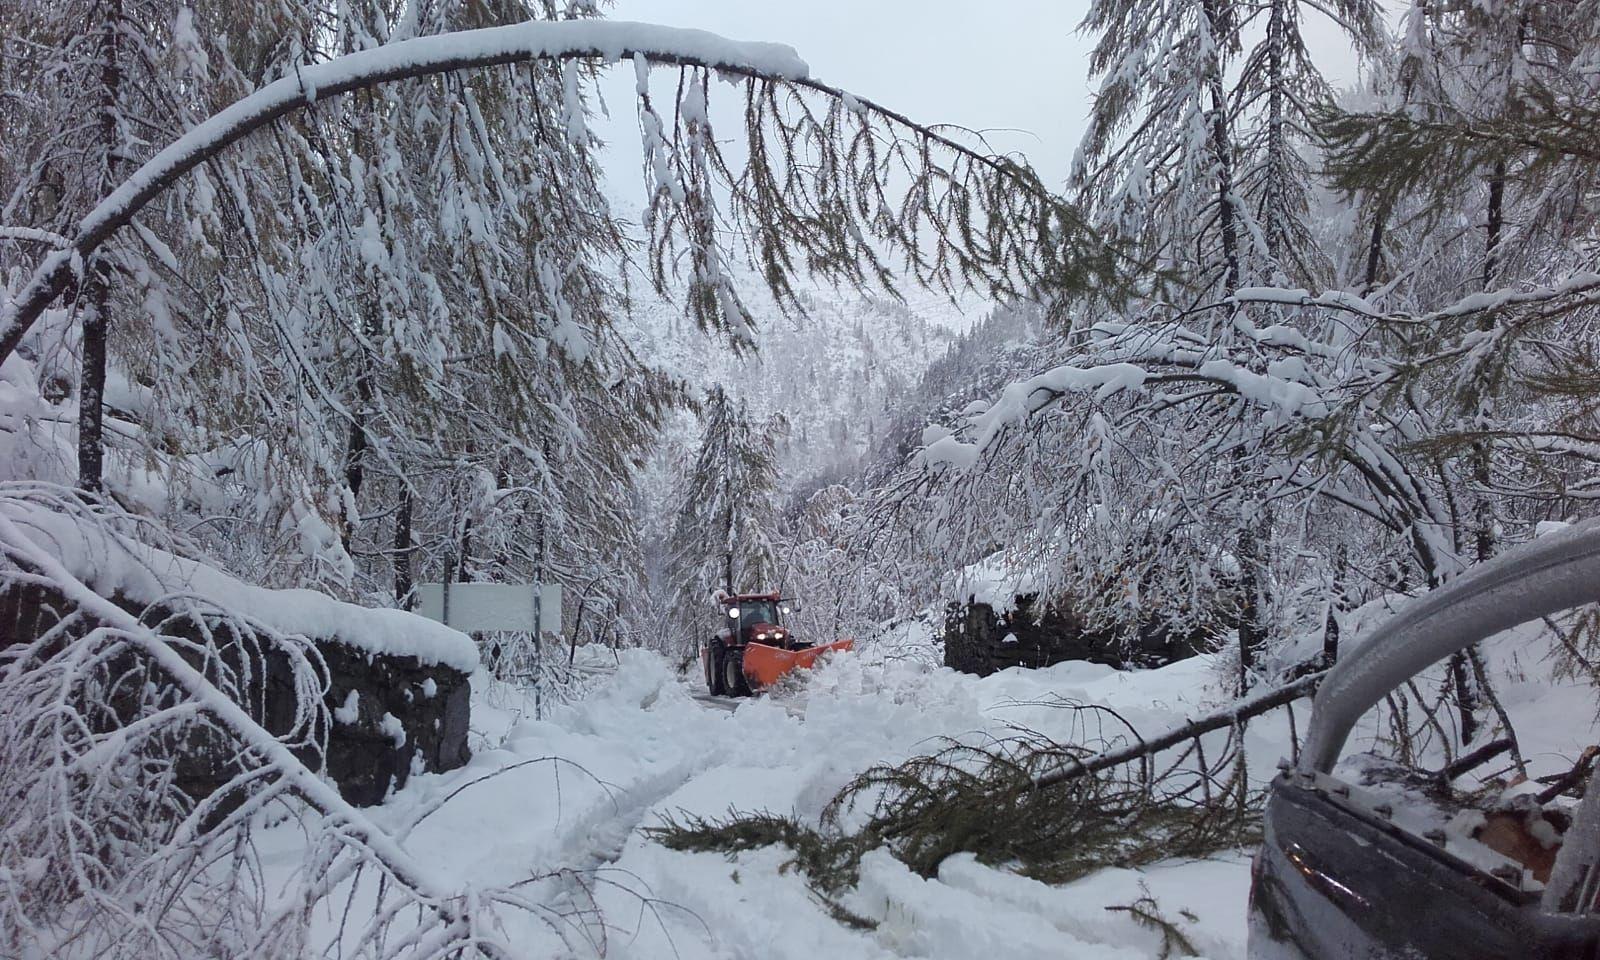 CANAVESE - Prima nevicata a Ceresole Reale e Piamprato Soana: mezzi spalaneve in azione - FOTO